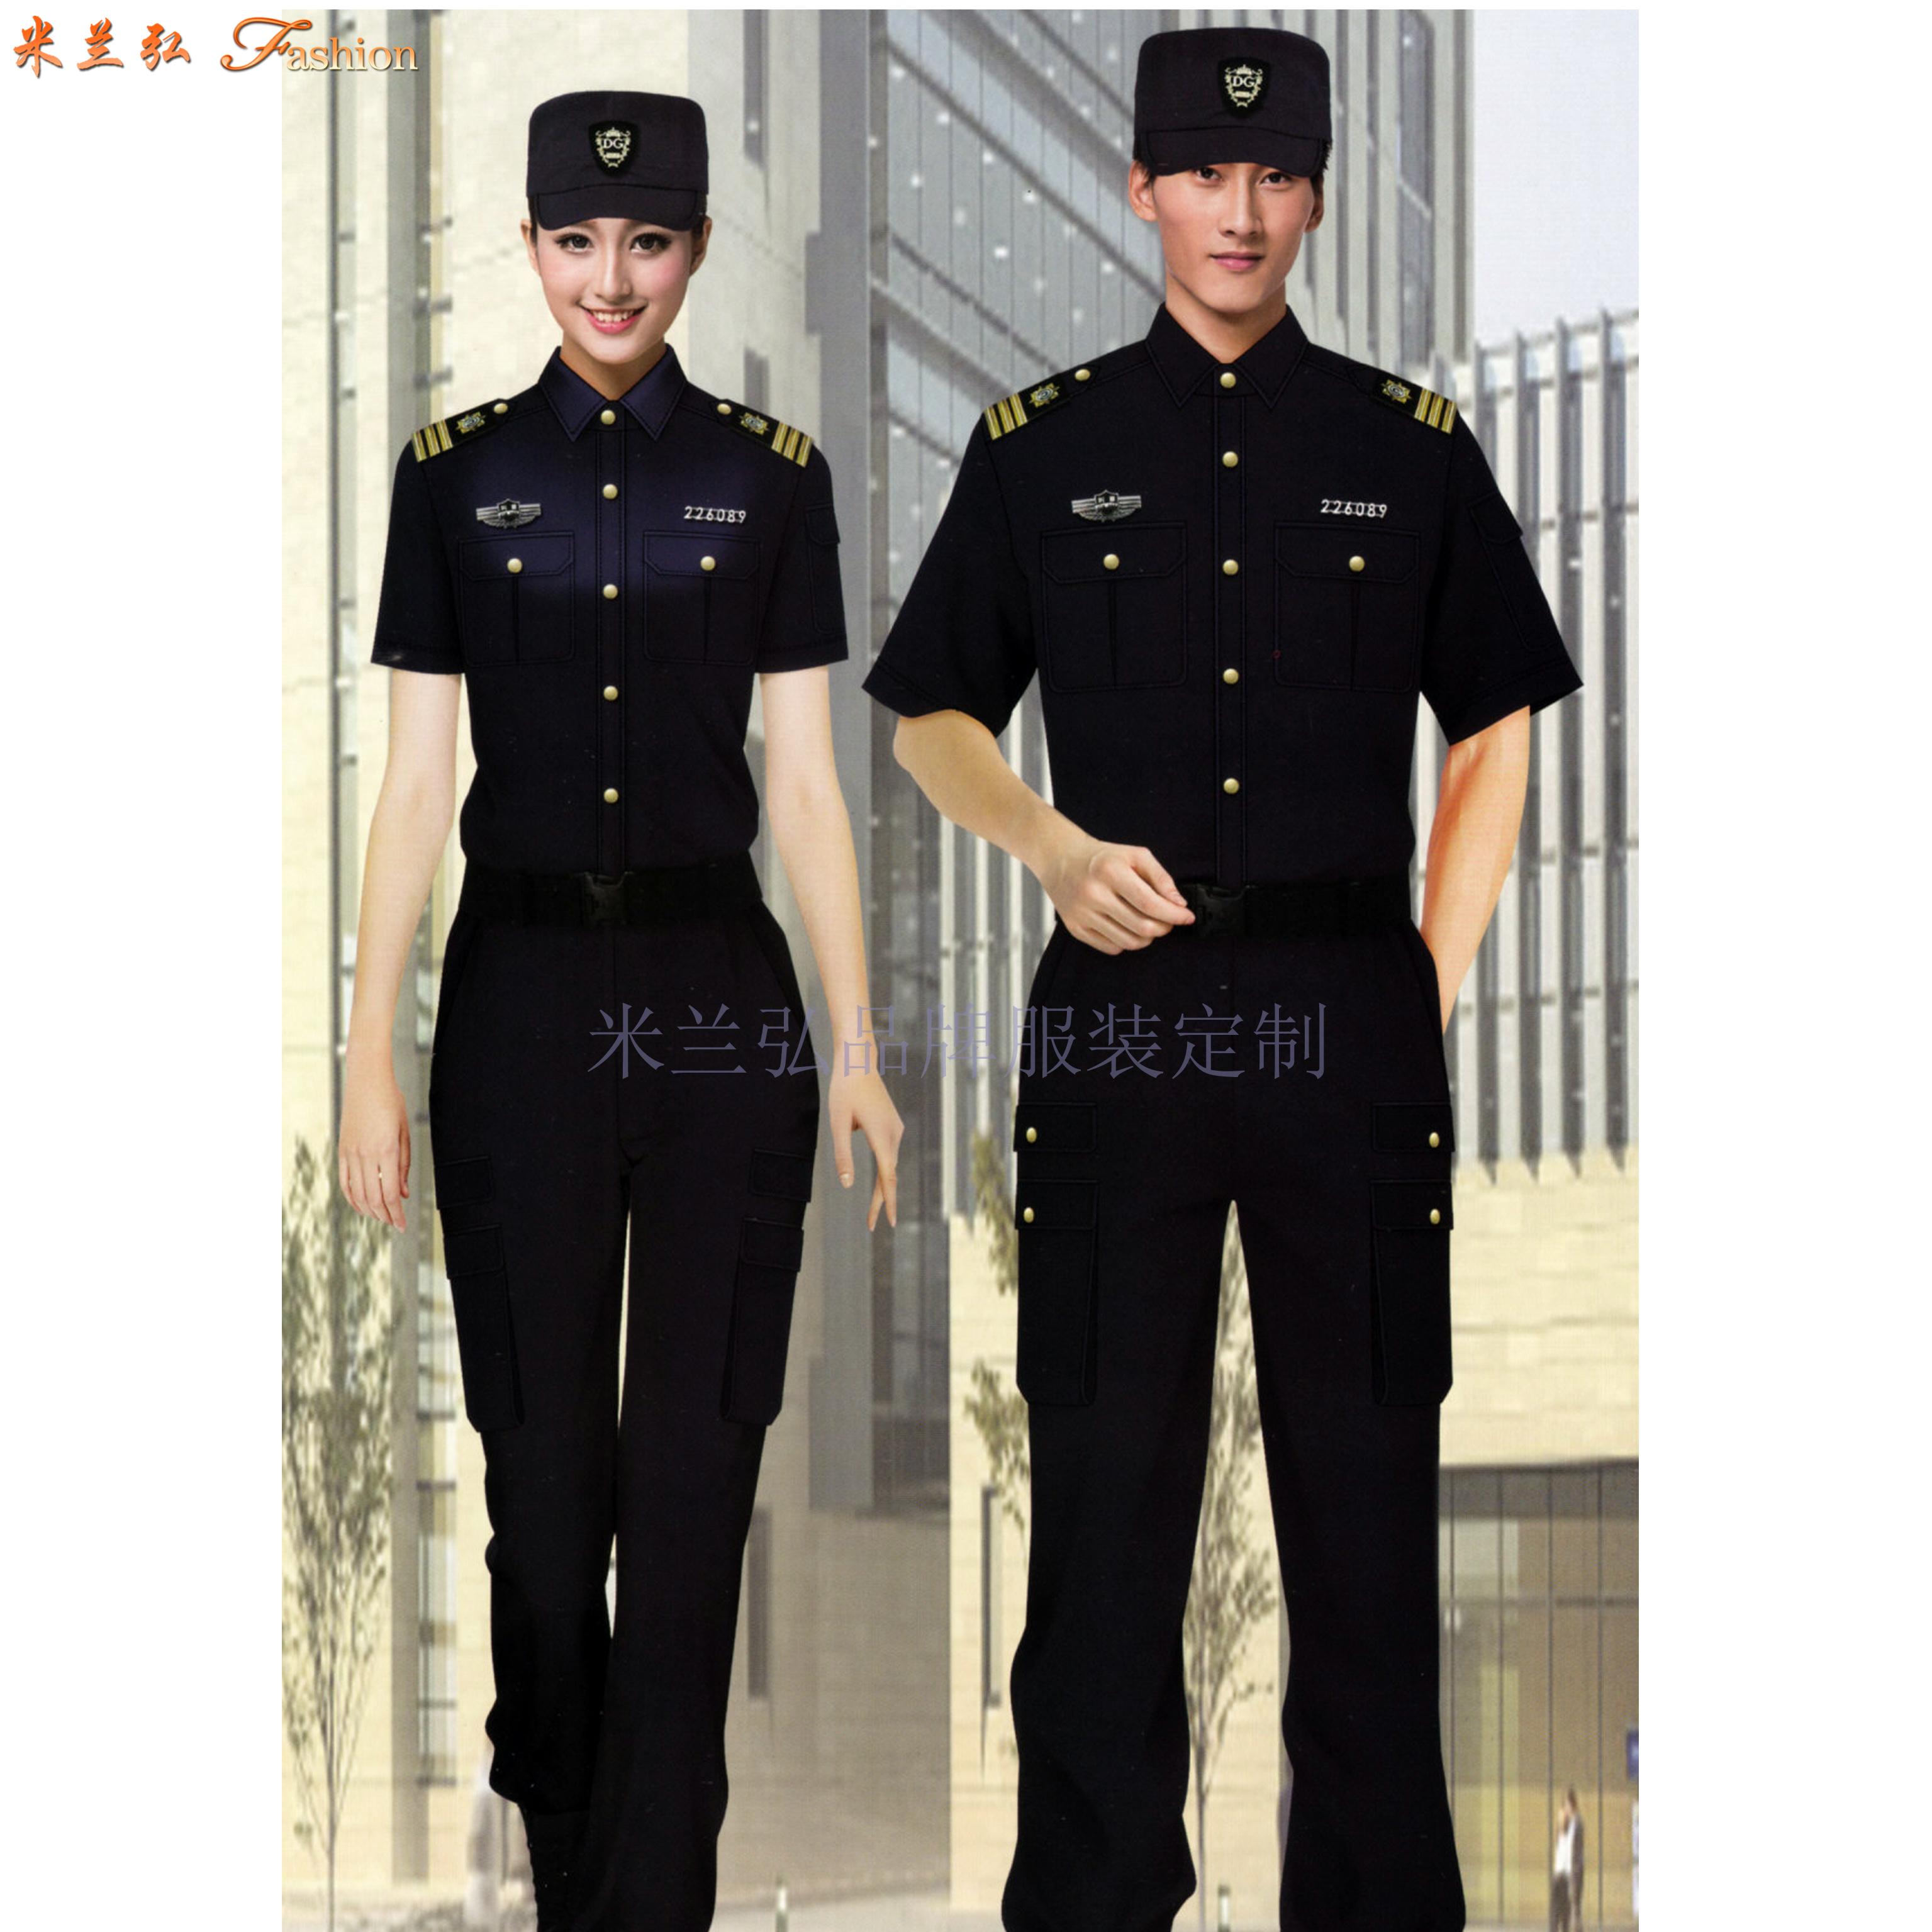 「北京安檢服訂做」「地鐵安檢服定作」「城軌安檢服定製」👍-1